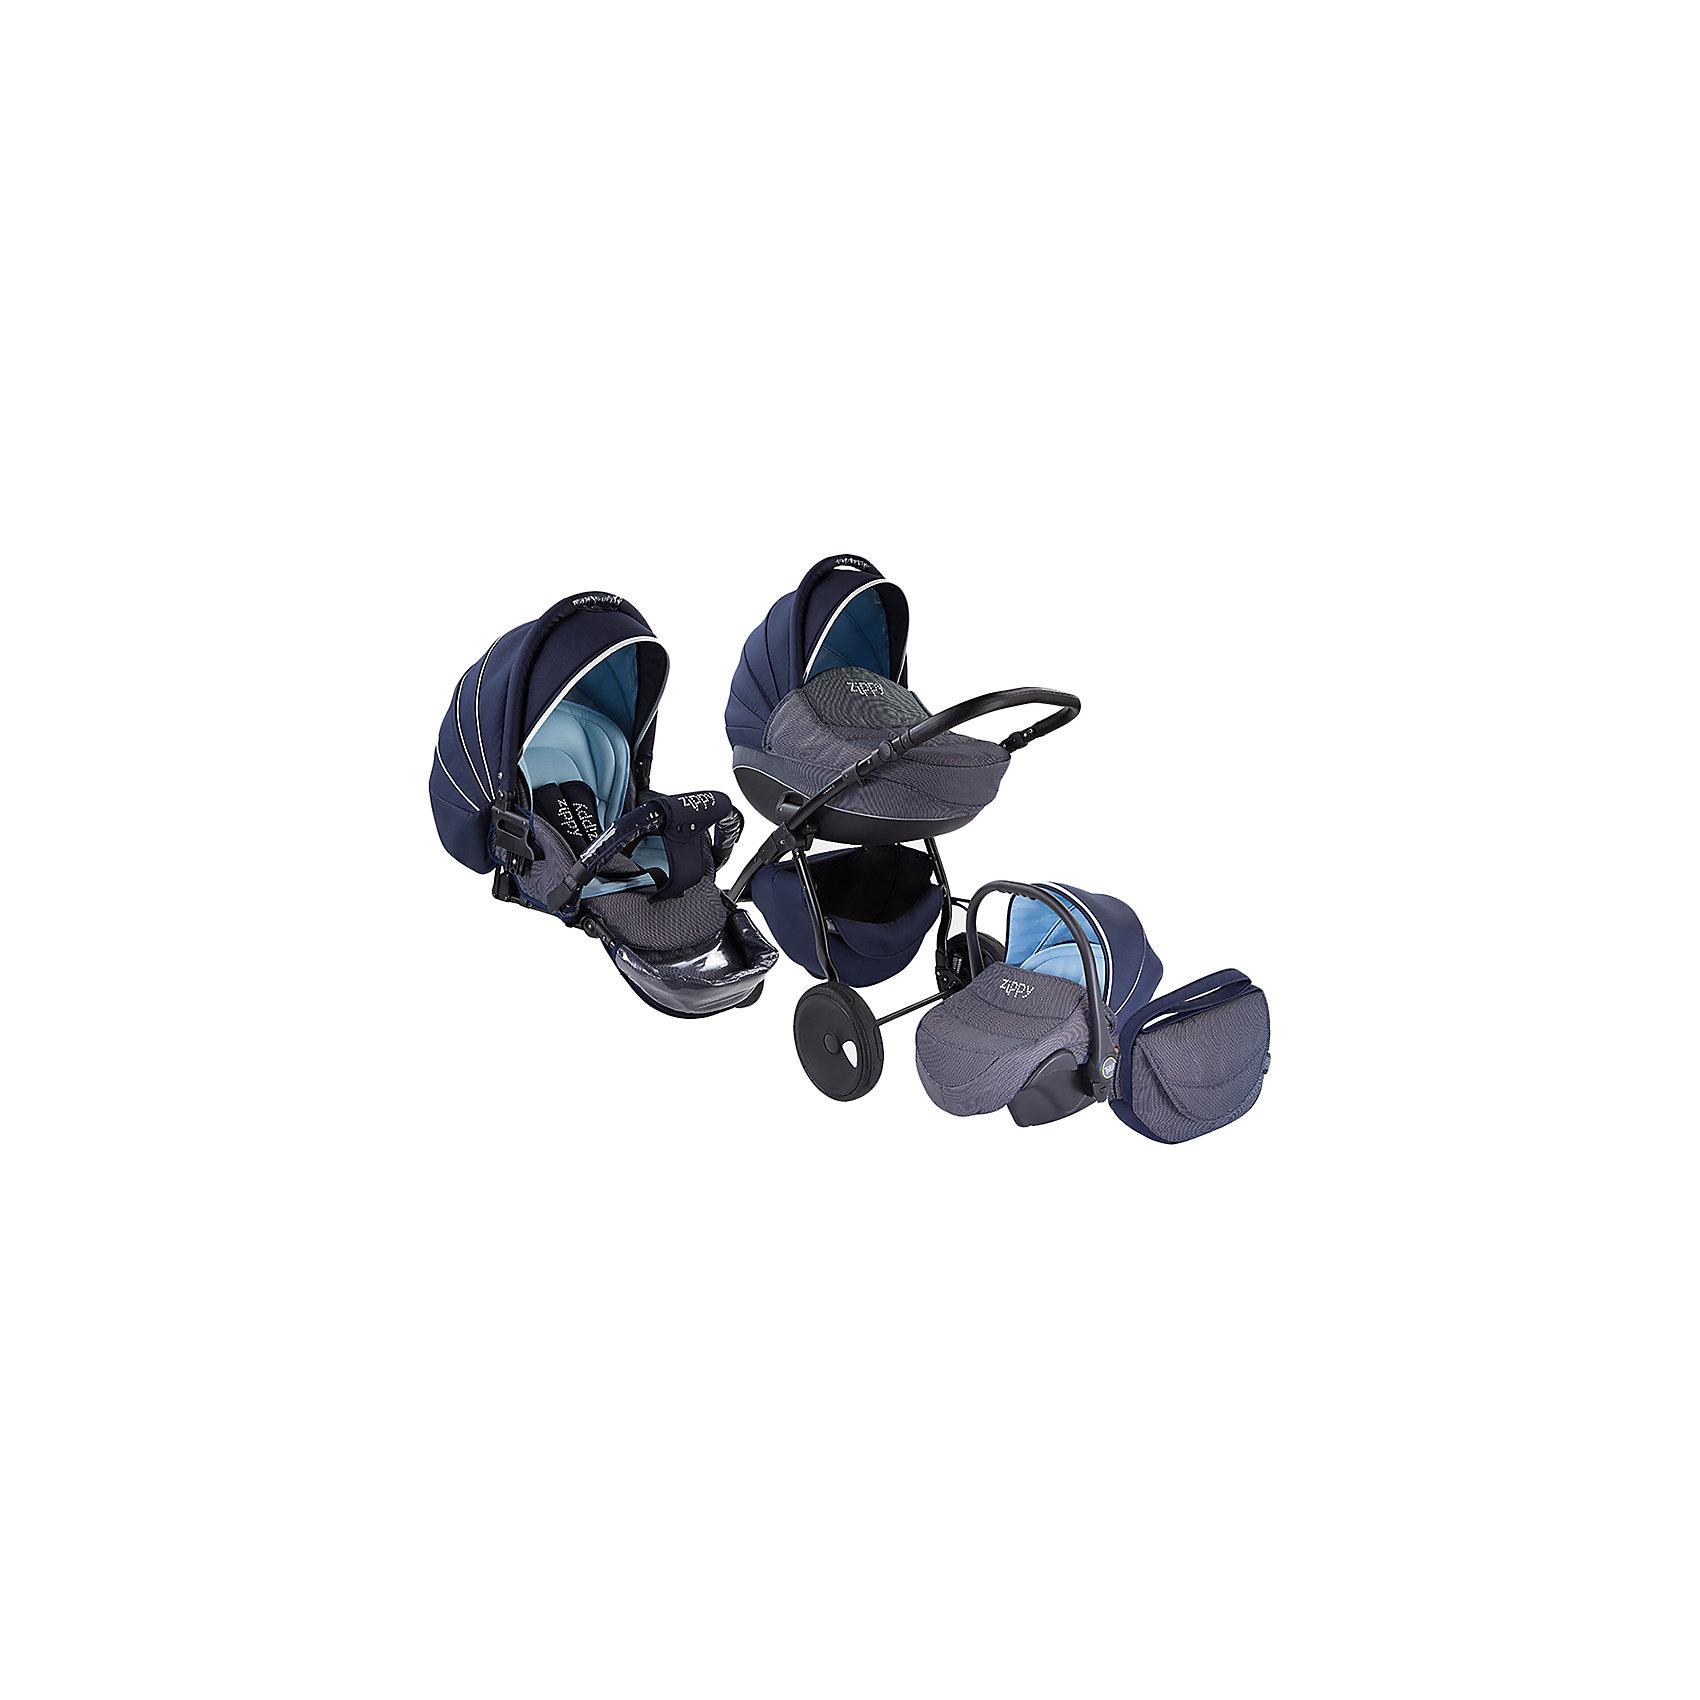 TUTIS Коляска 3 в 1 Zippy Silver New, Tutis, темн. синий